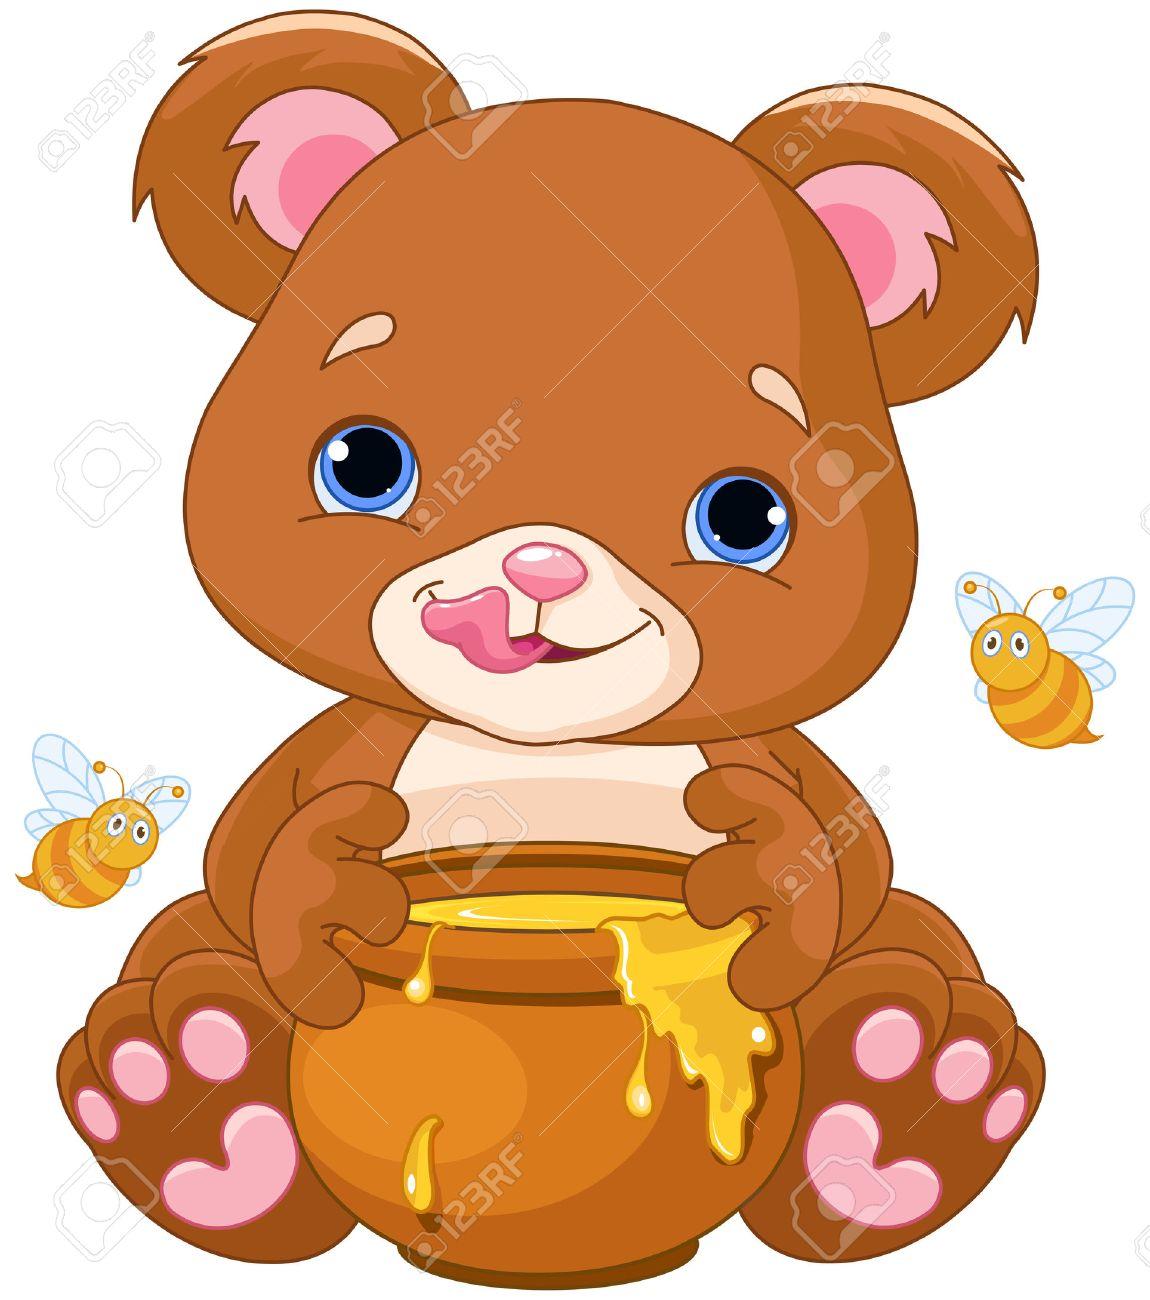 Illustration des ours mignon se préparant à manger du miel Banque d'images - 45287564